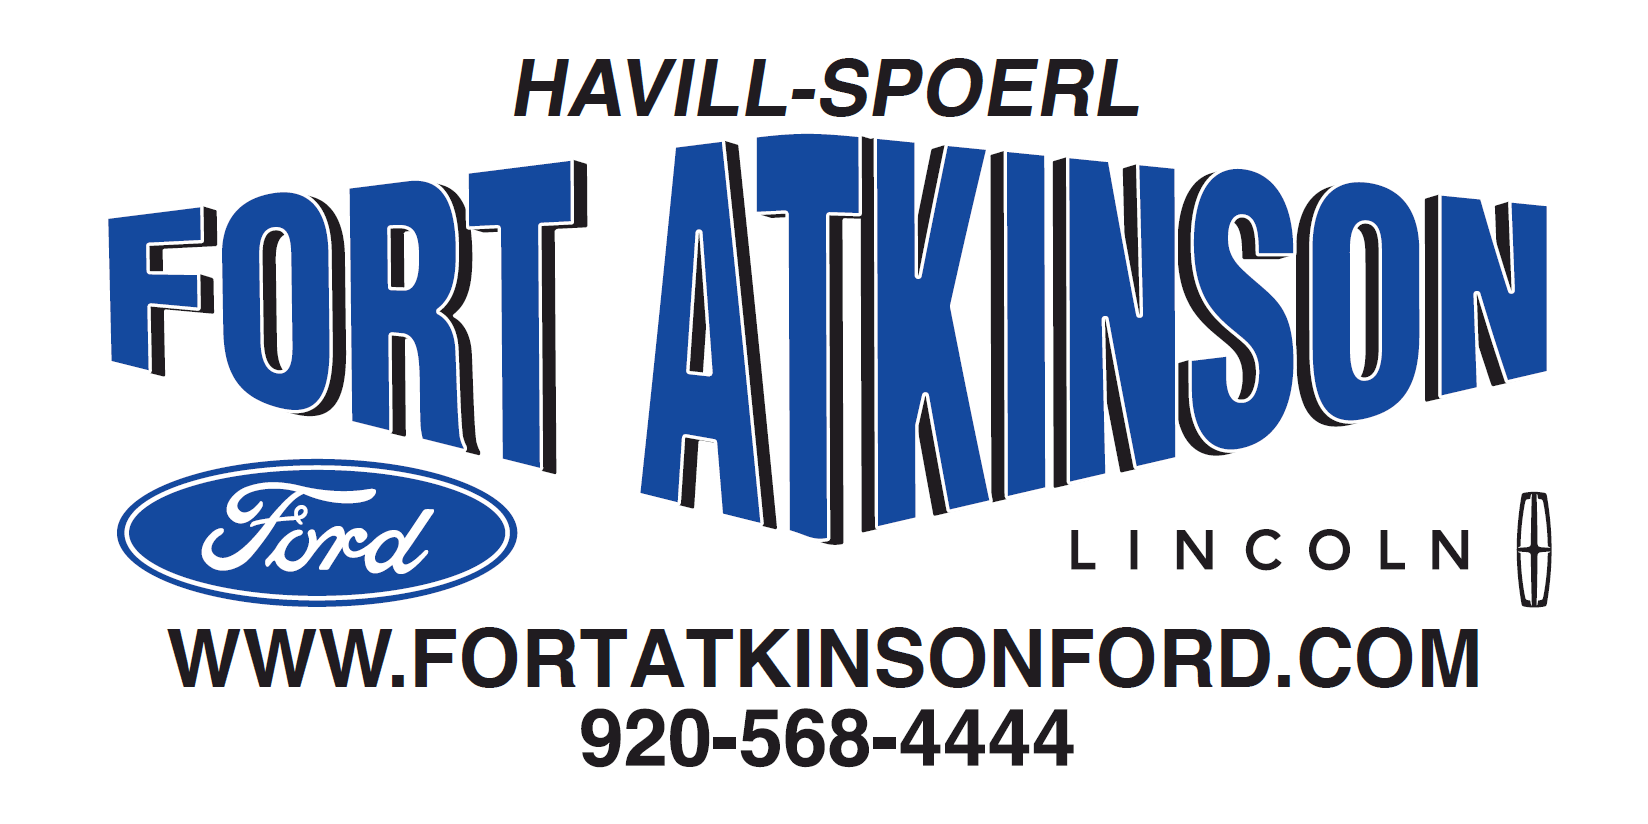 Havill-Spoerl